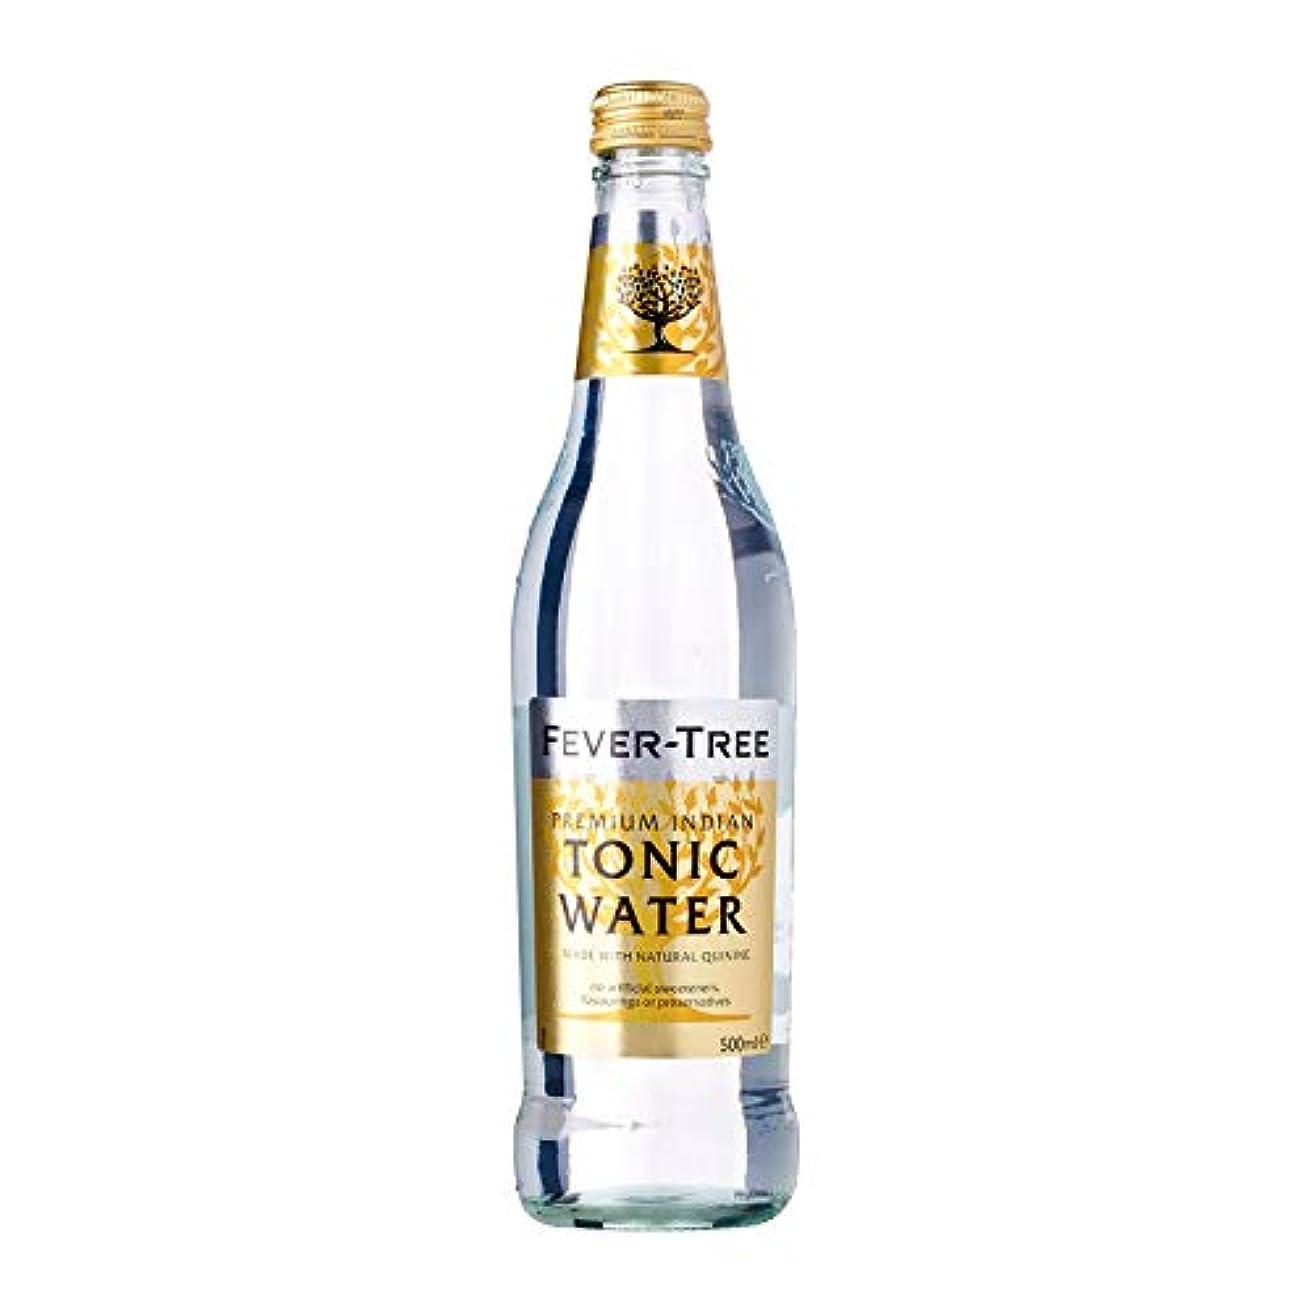 冷蔵する苦しむ雨Fever Tree Indian Tonic Water (500ml) 発熱ツリーインディアントニックウォーター( 500ミリリットル)